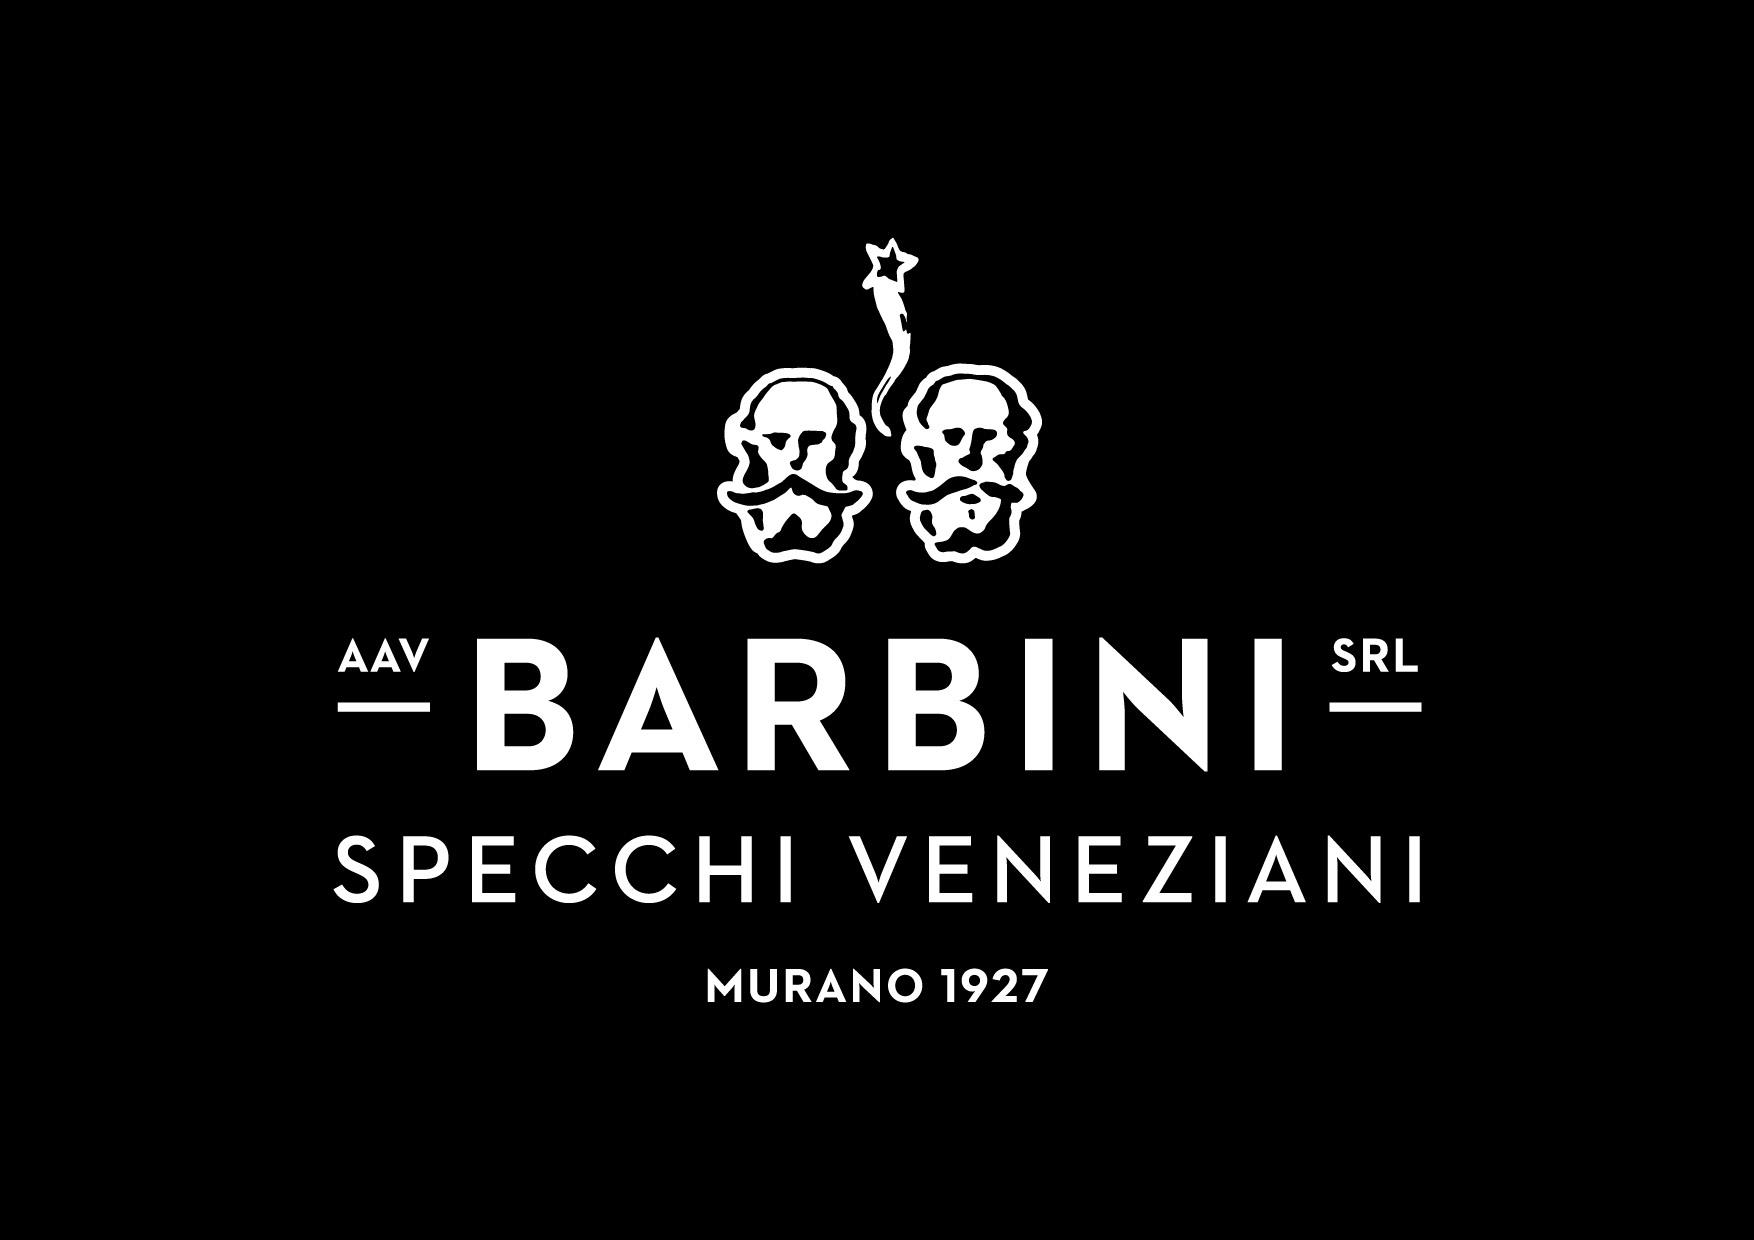 barbini-specchi-veneziani-artigiani-del-vetro-venezia-profile